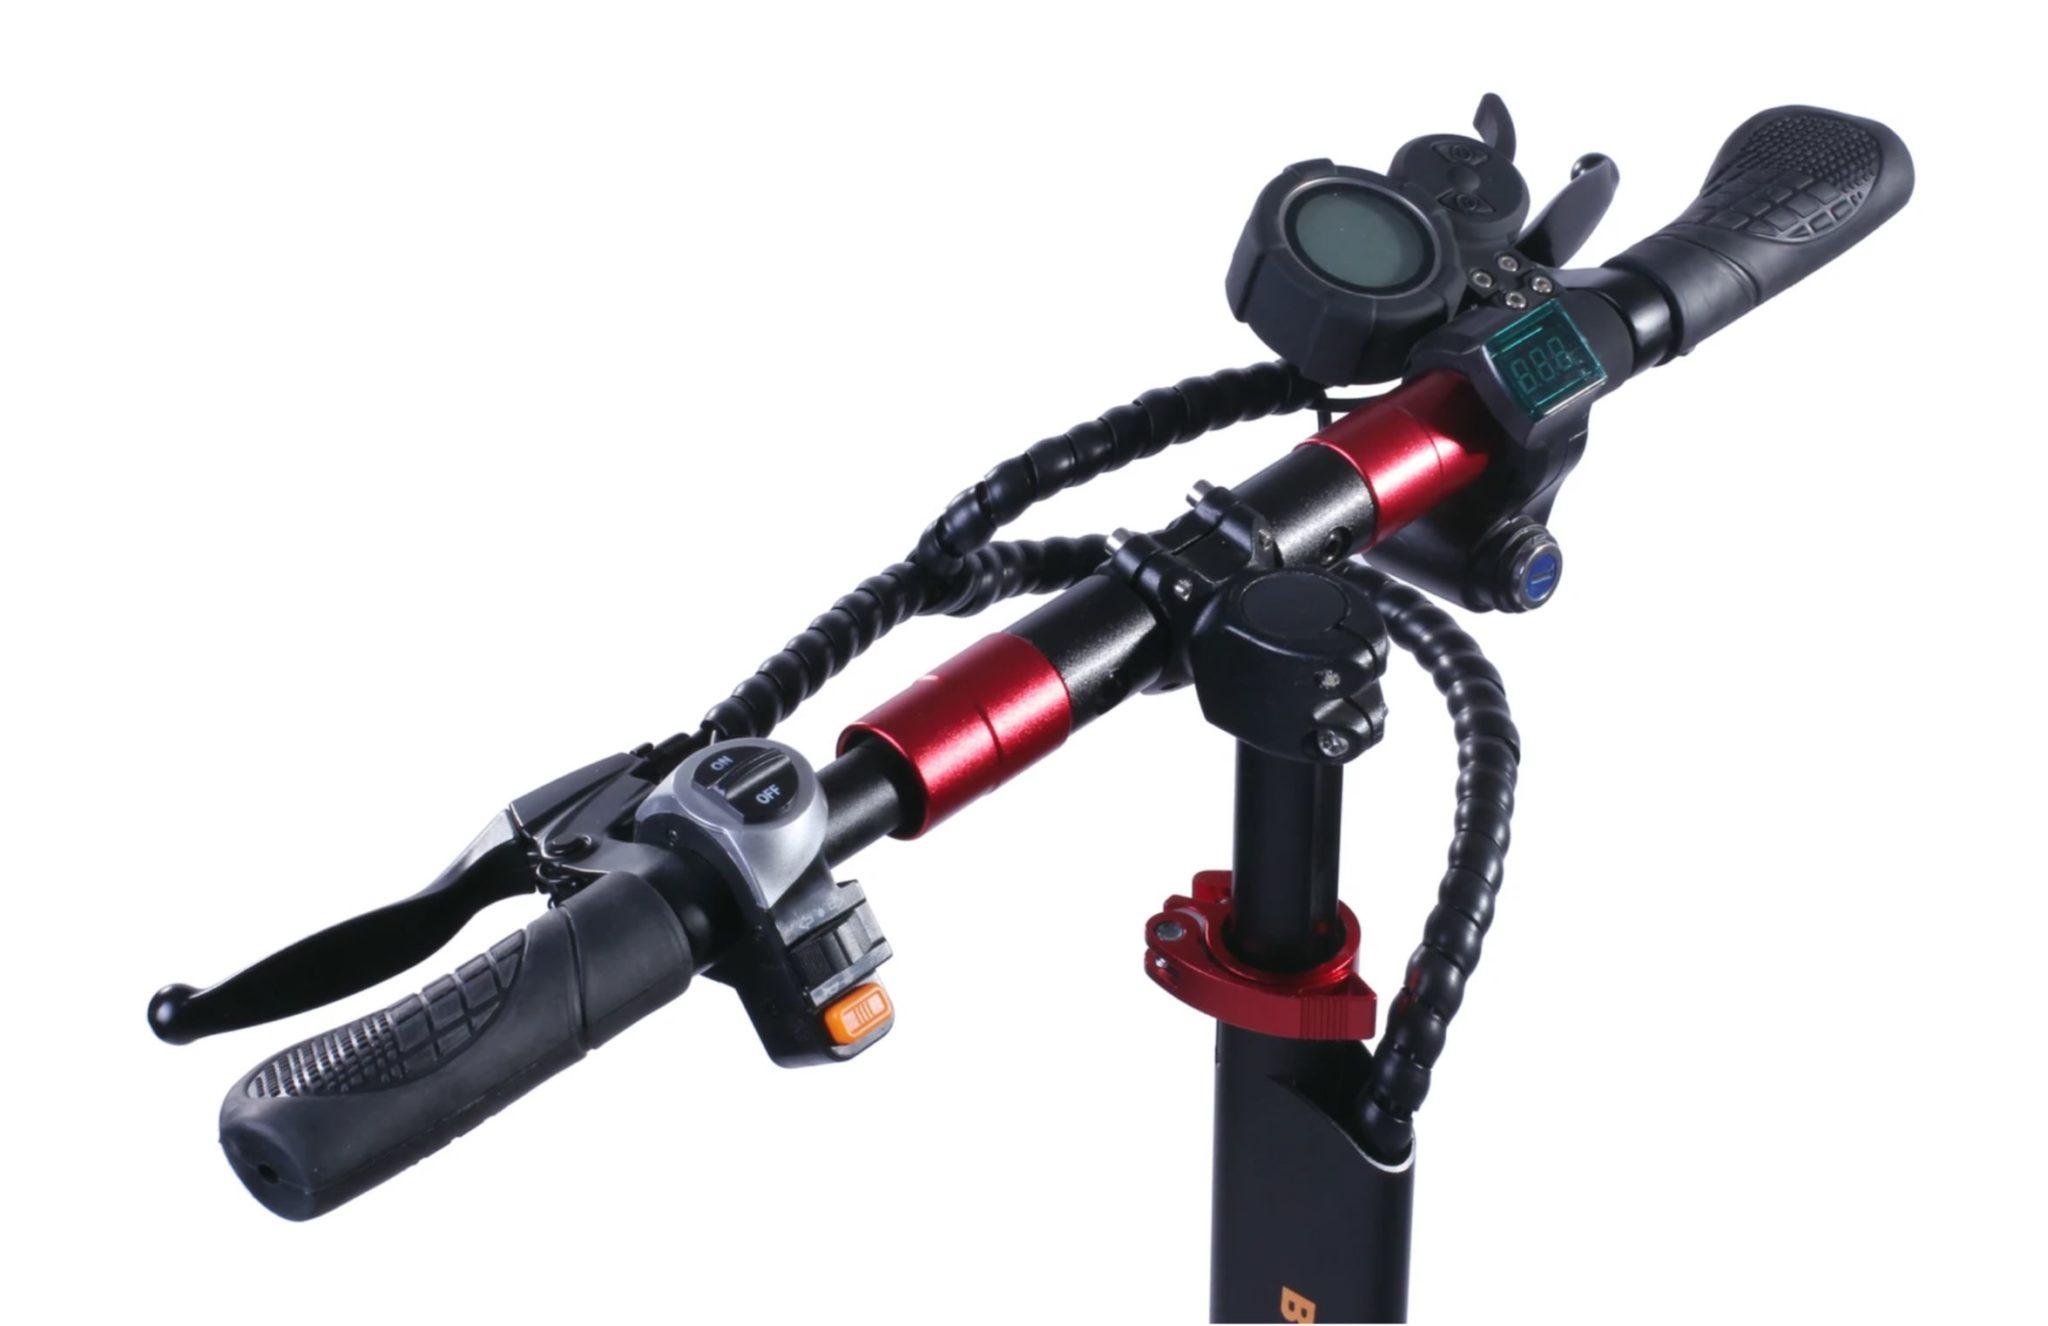 hulajnoga elektryczna Bezior S1 - kierownica